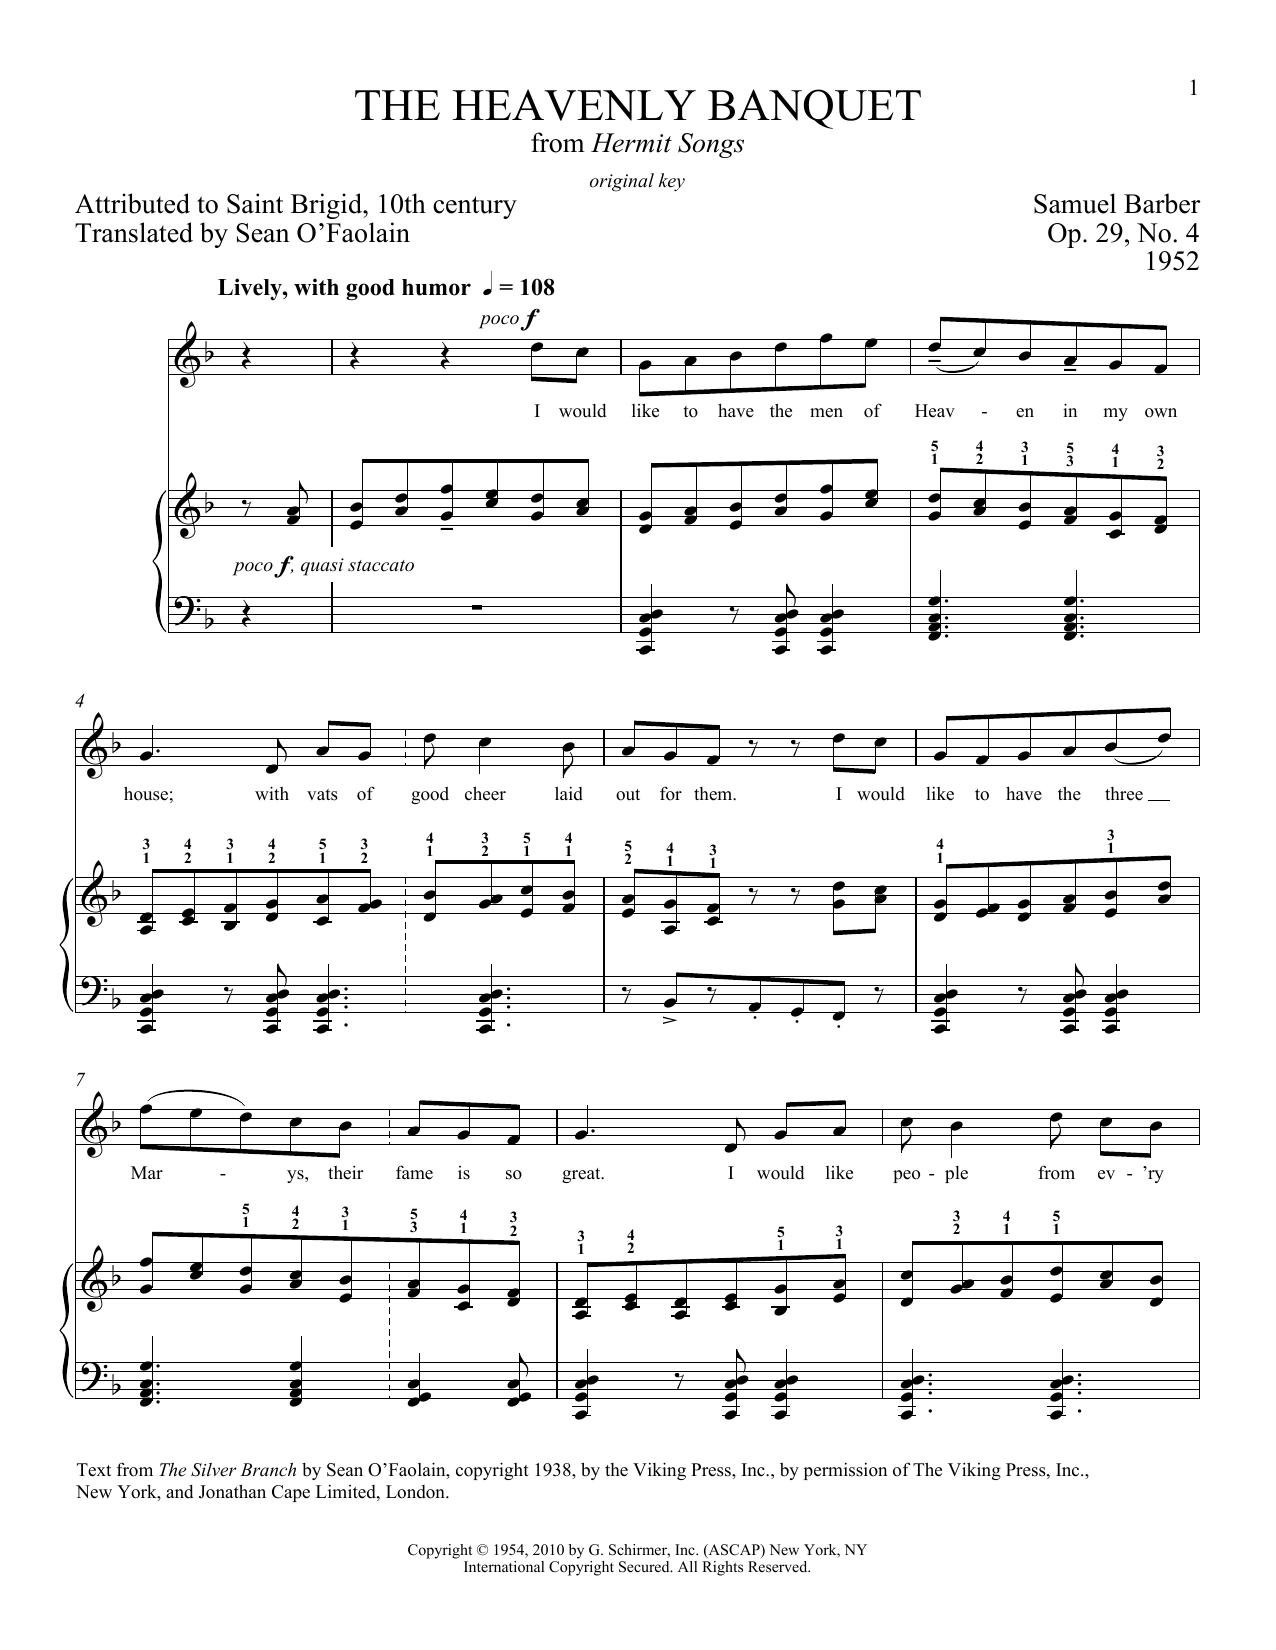 The Heavenly Banquet, Op. 29, No. 4 Sheet Music